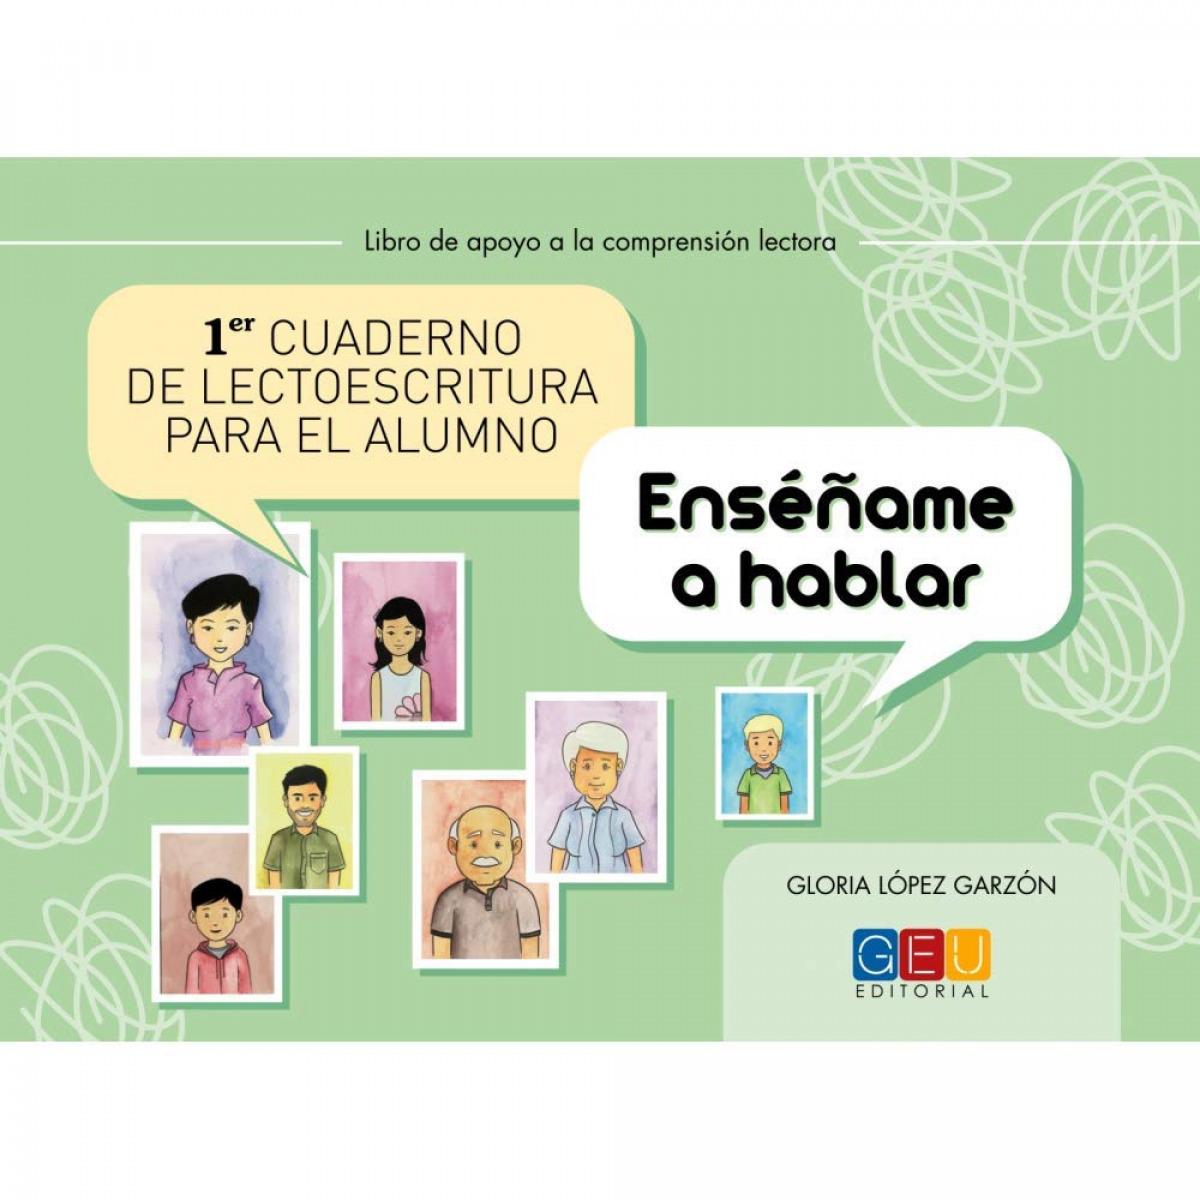 Primer cuaderno de lectoescritura para el alumno. Enséñame a hablar 9788499158617